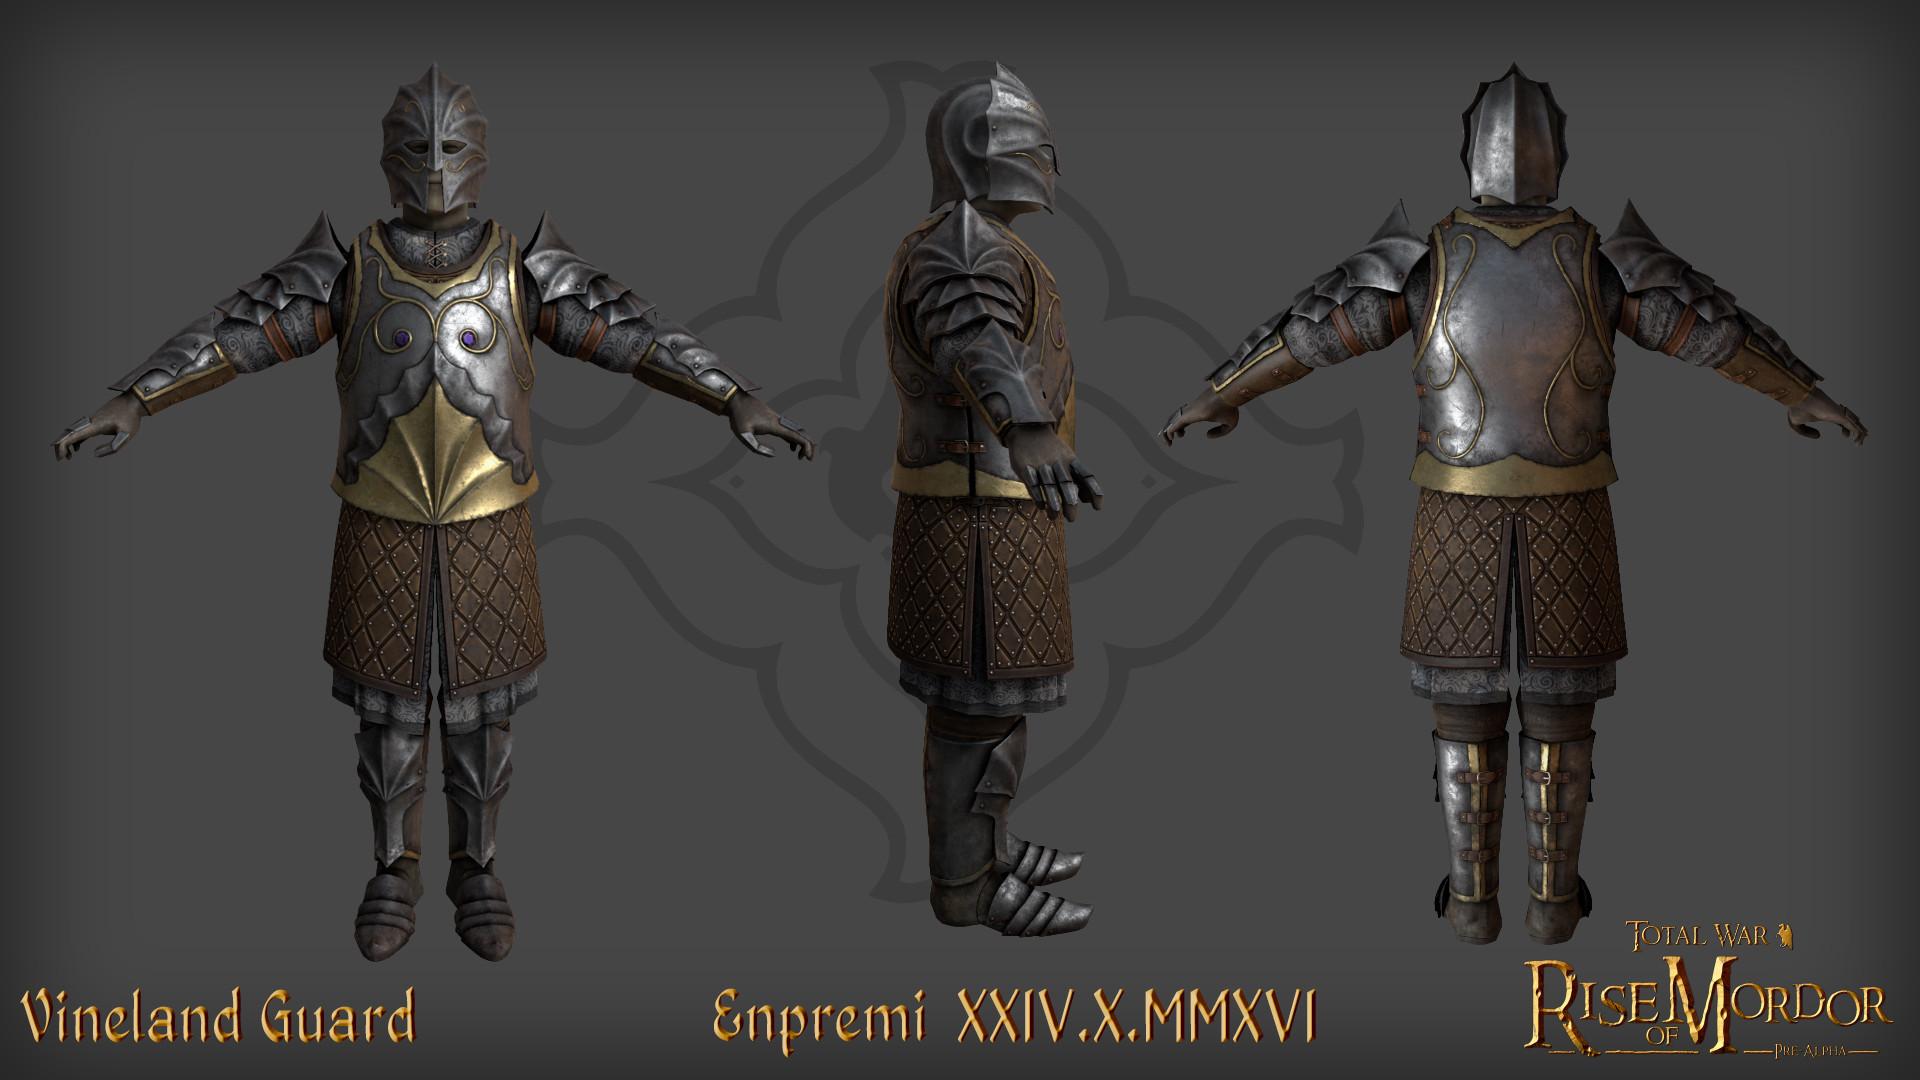 Adam dotlacil armor quixel